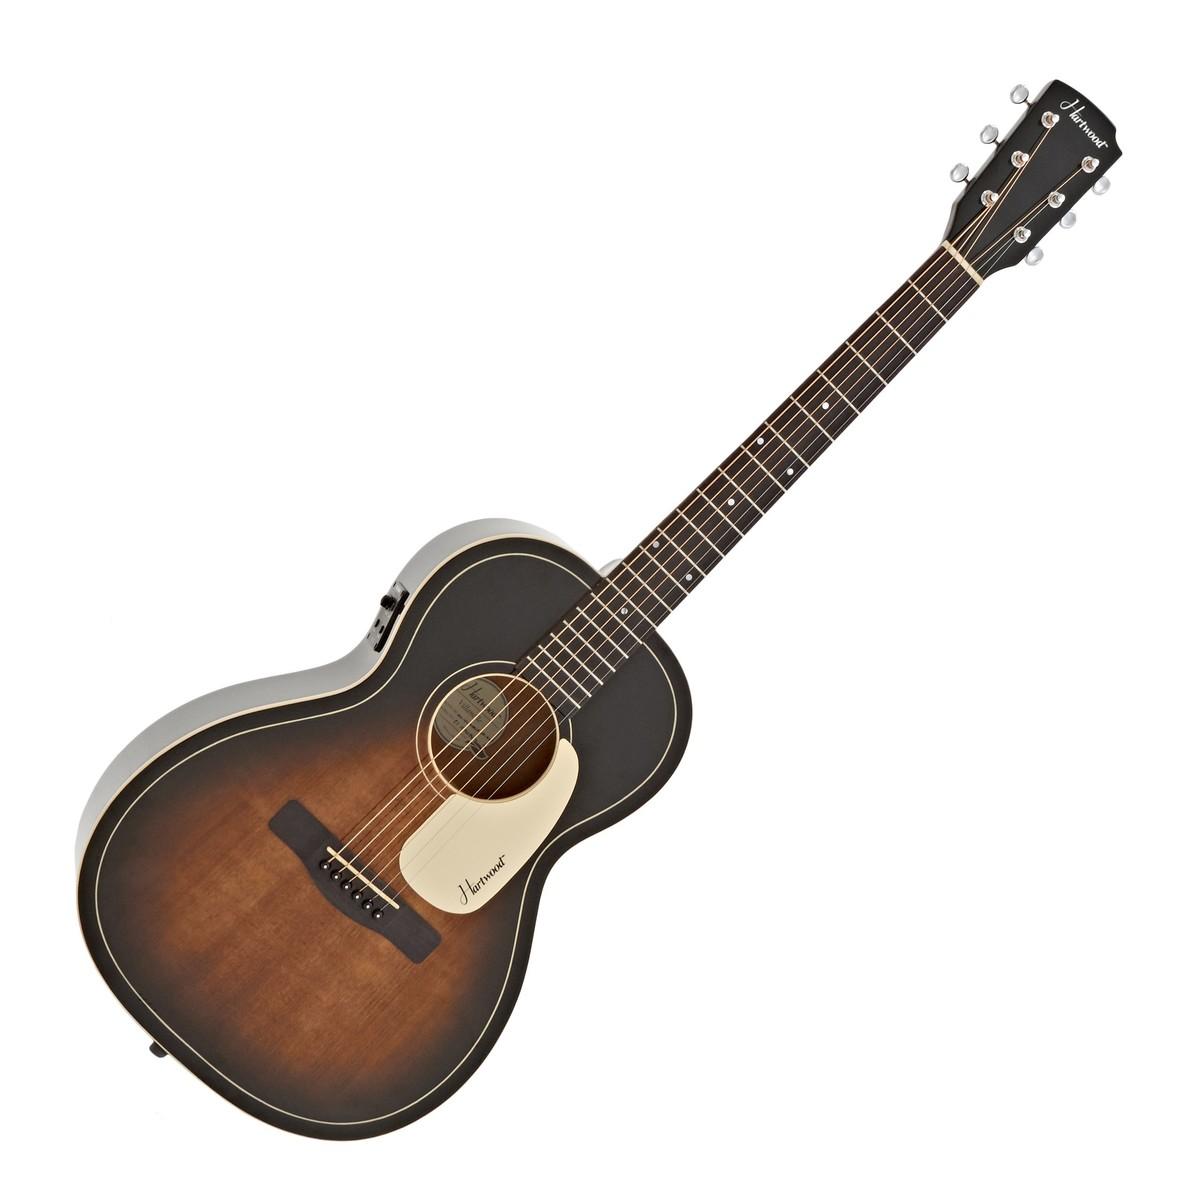 Hartwood Villanelle Parlour Electro Acoustic Guitar, Vintage Sunburst